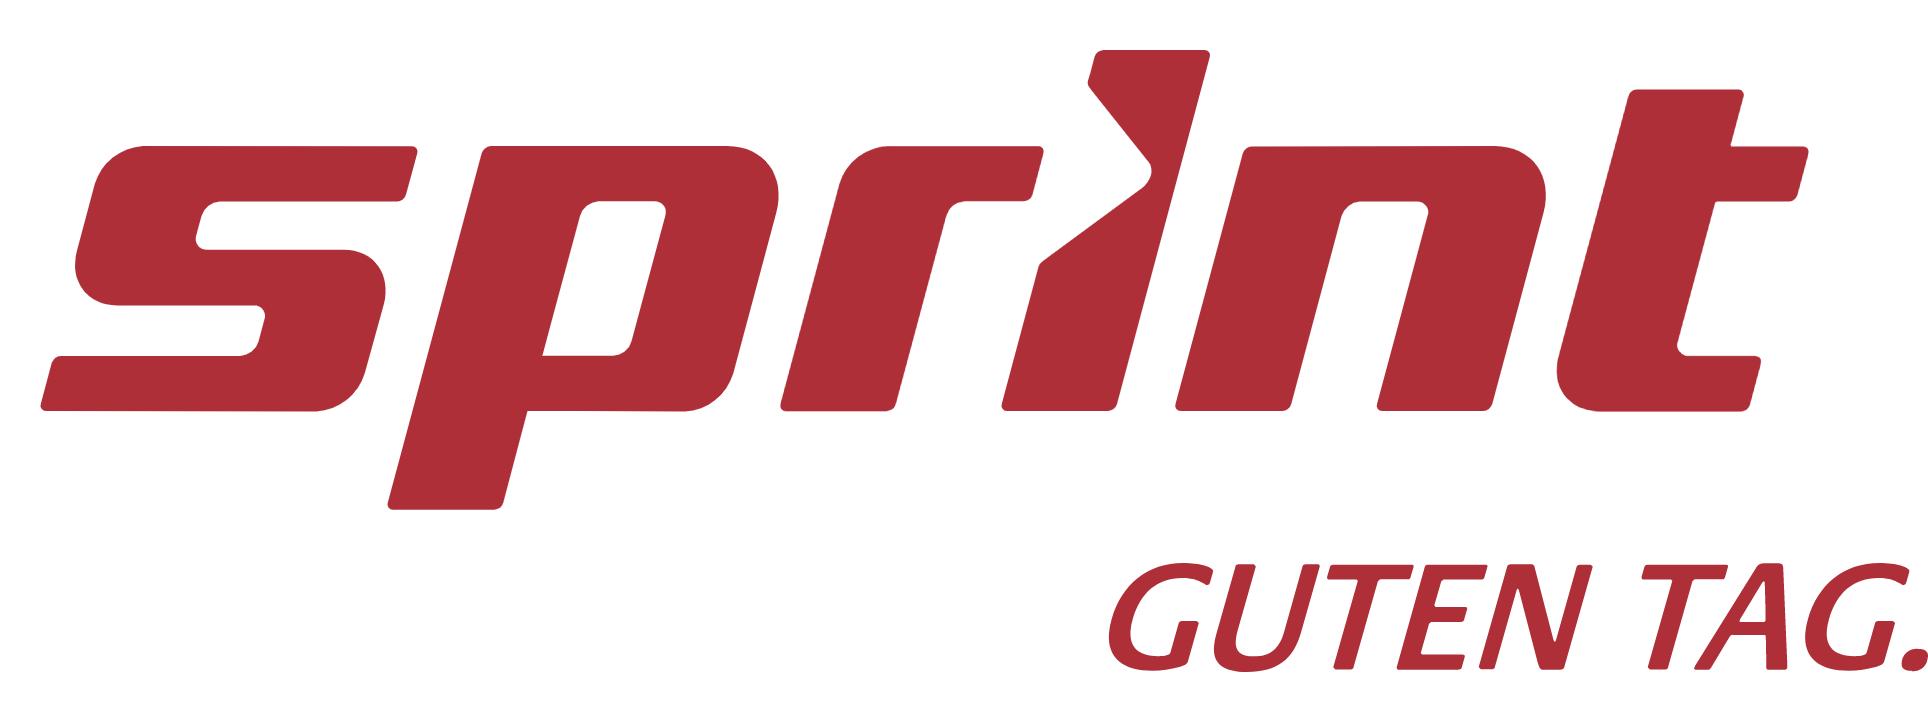 Sprint Werkstatt GmbH